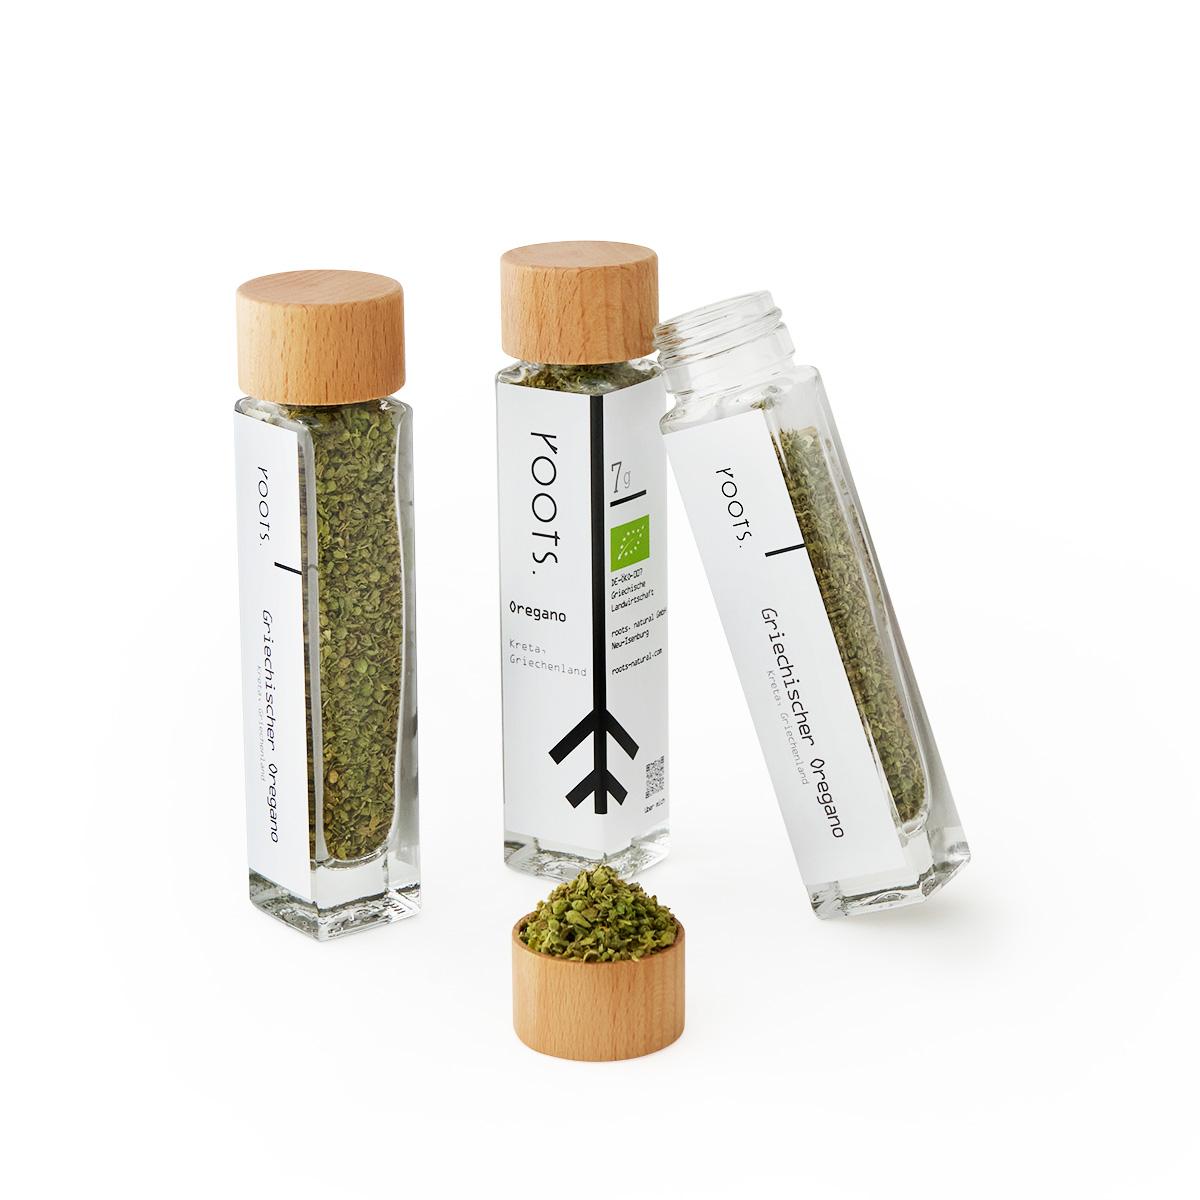 Oregano getrocknet kaufen bio von roots im Gewuerz-Glas natuerlich und direkt aus Kreta